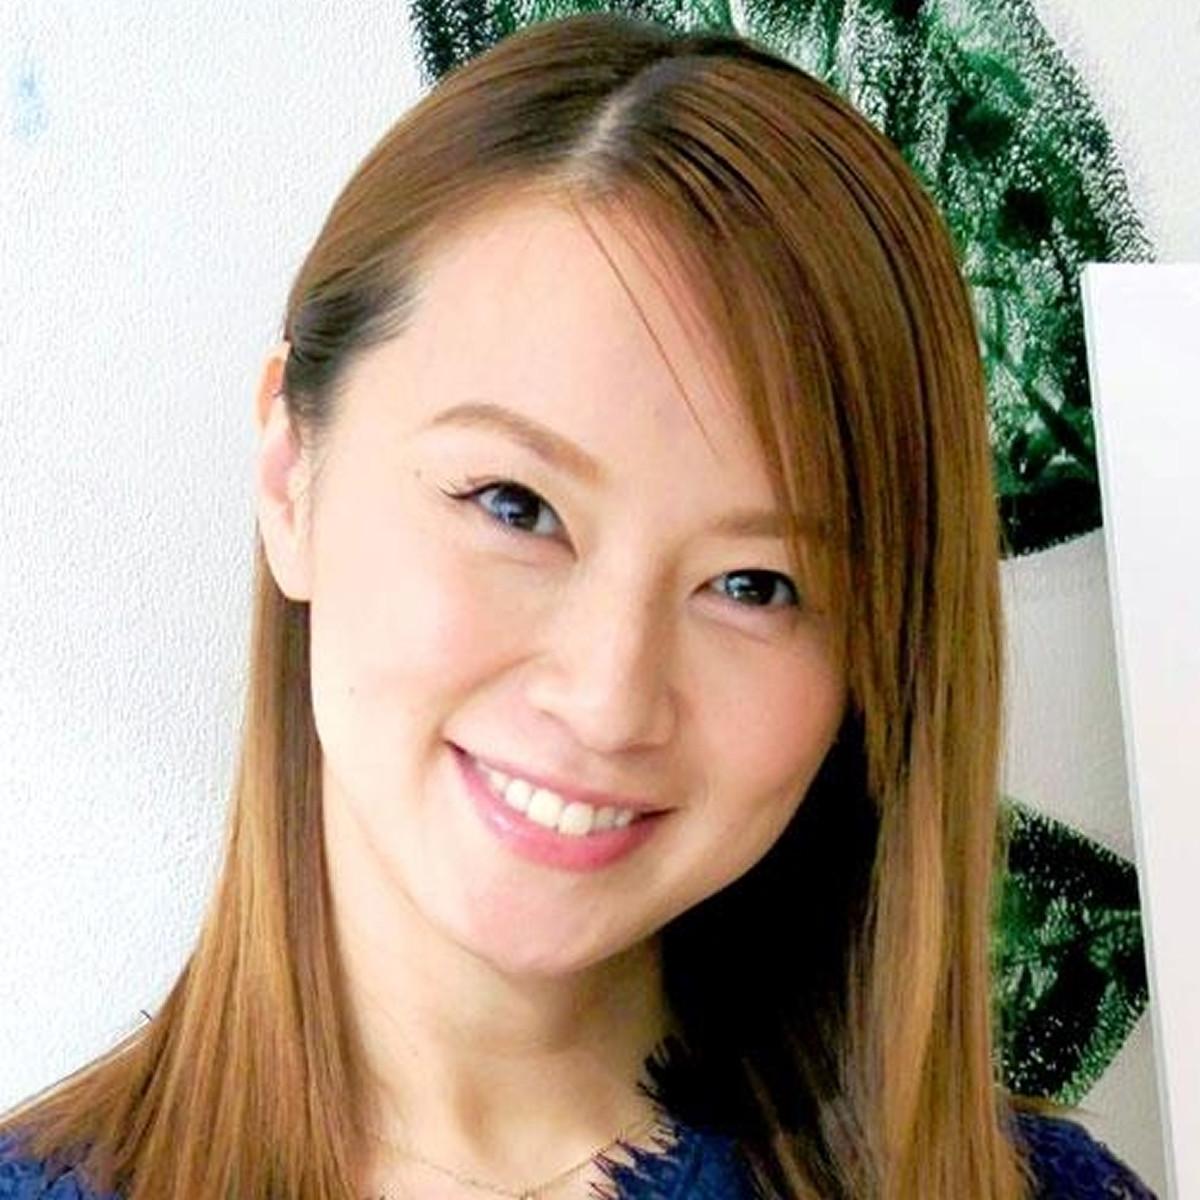 亜美 グラム 鈴木 インスタ